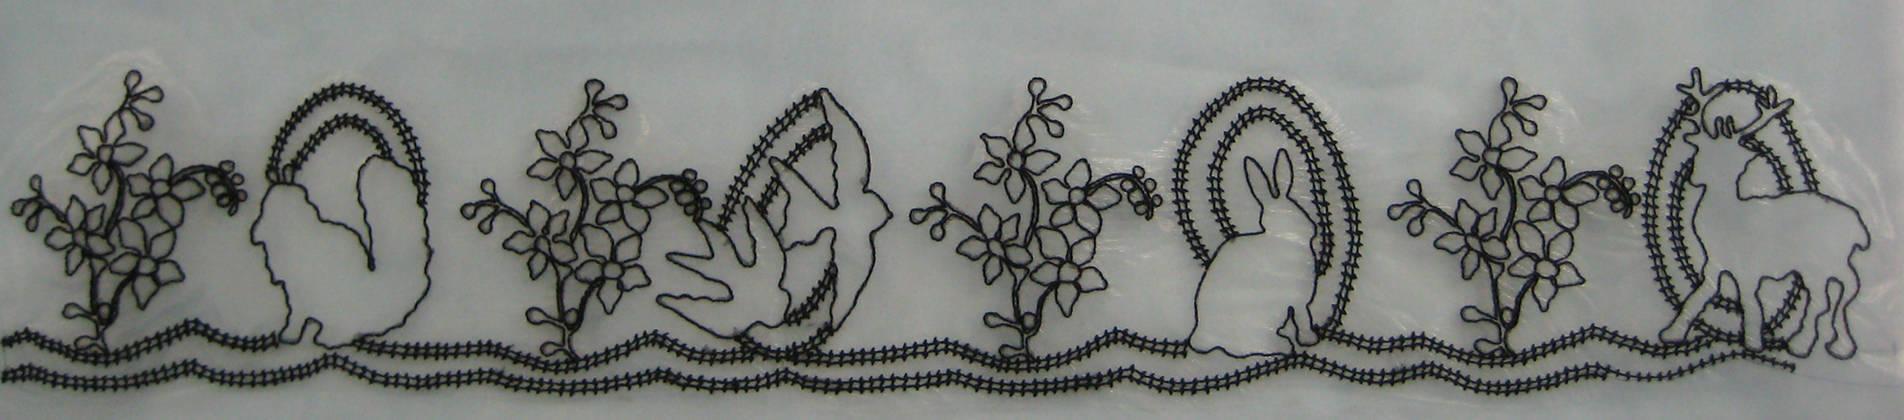 Alice Embroidery Sneak Peek